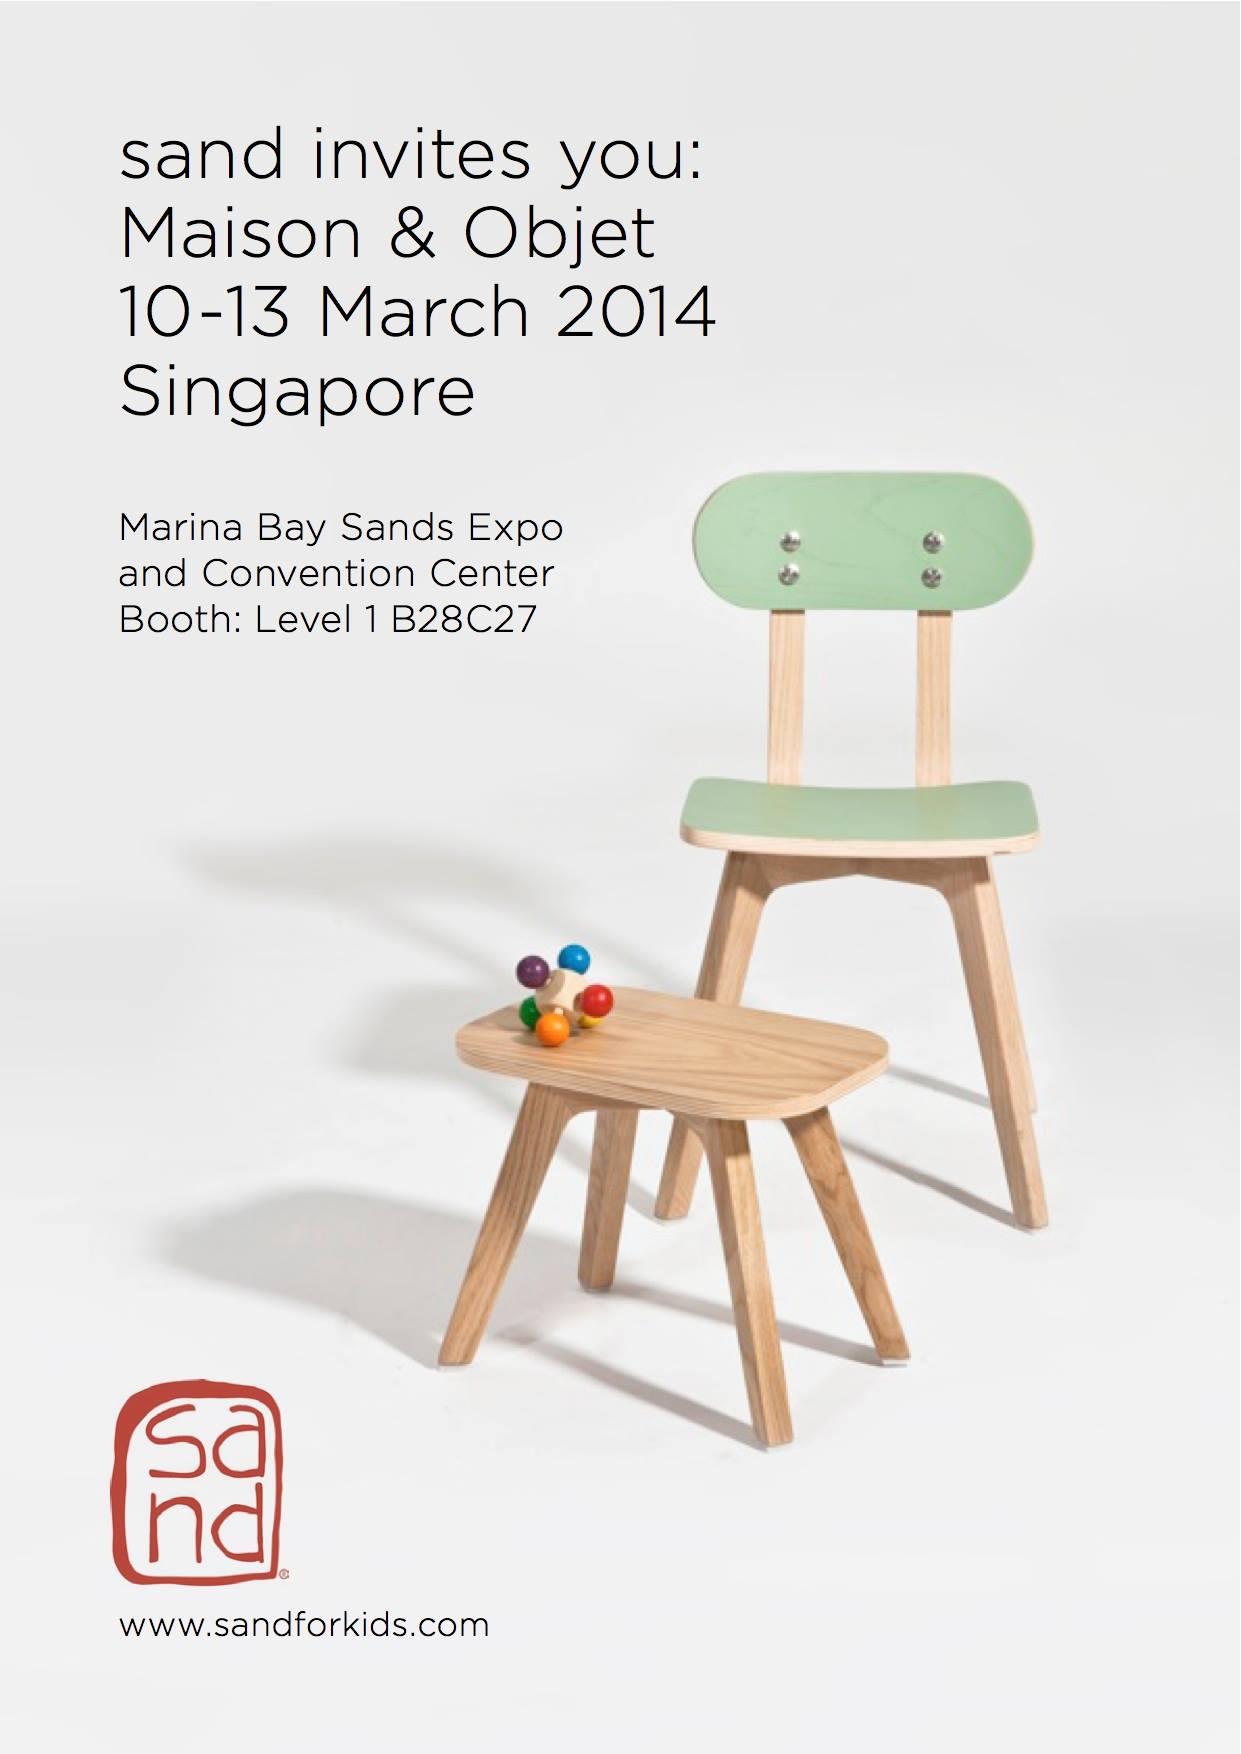 Invitation to maison objet singapore 10 13 mar 2014 sand - Maison et objet salon ...